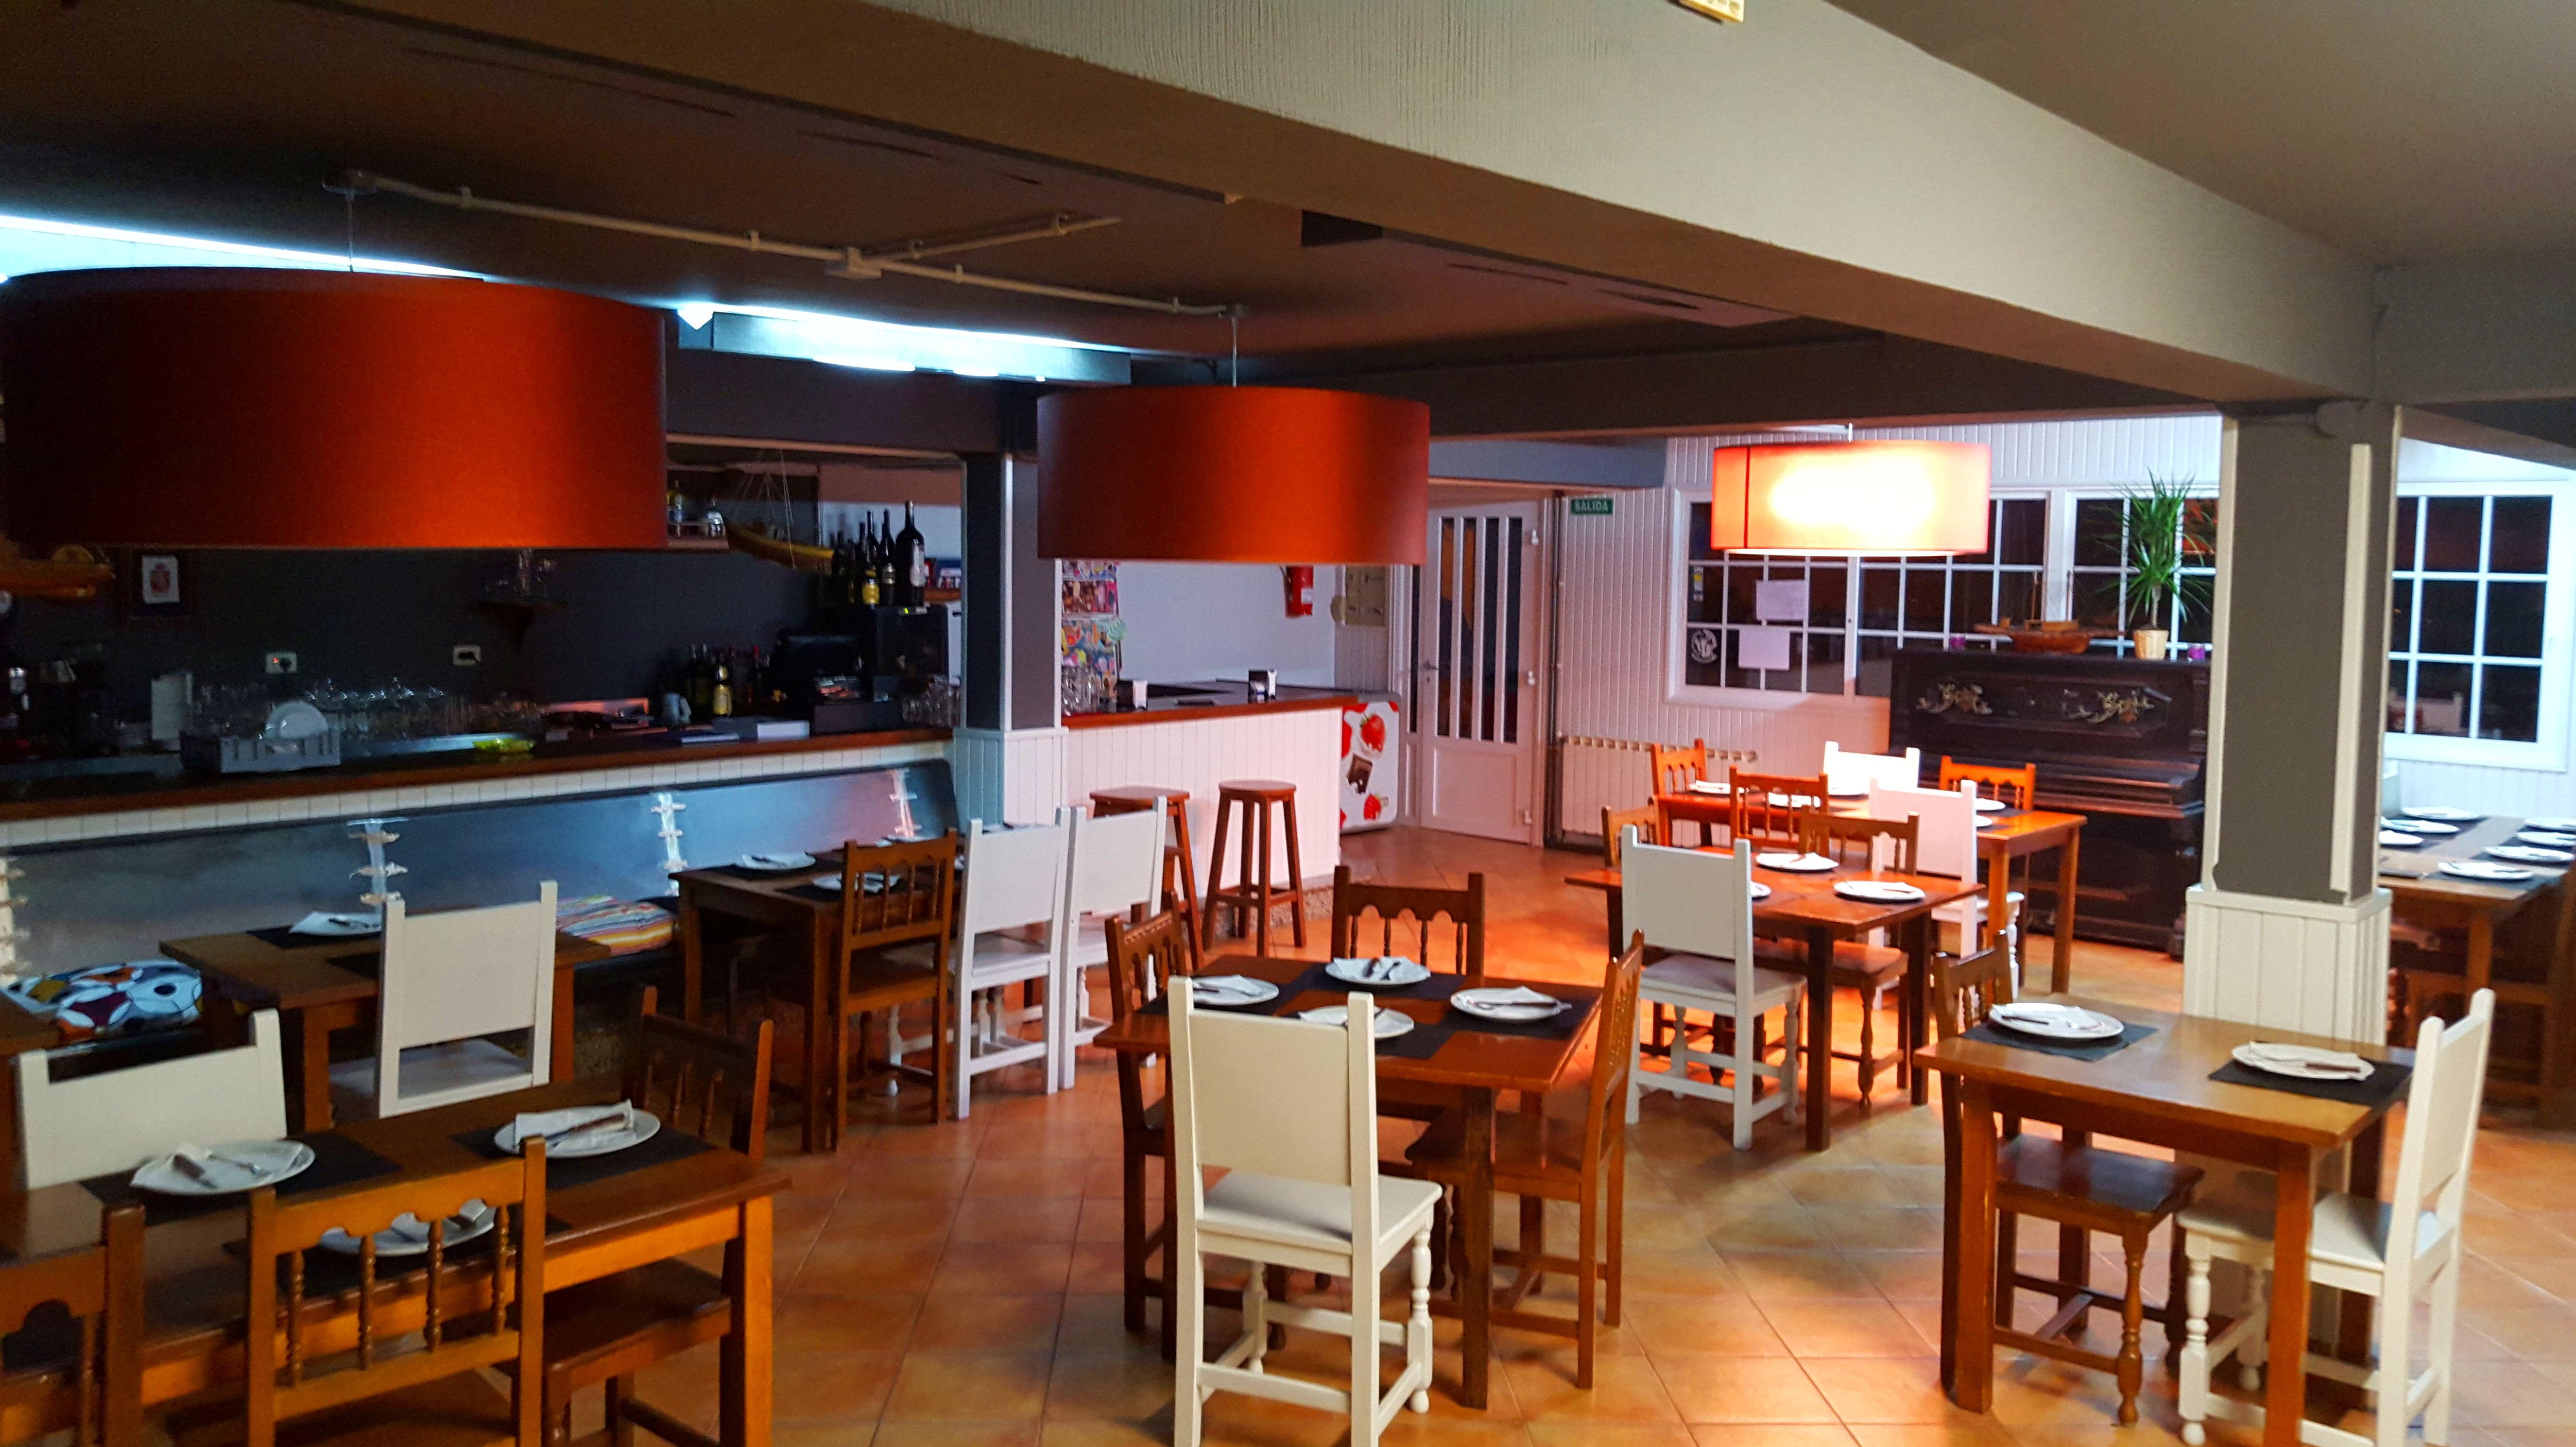 Foto 3 de Restaurante en Oleiros | A Cortiña de Lorbé